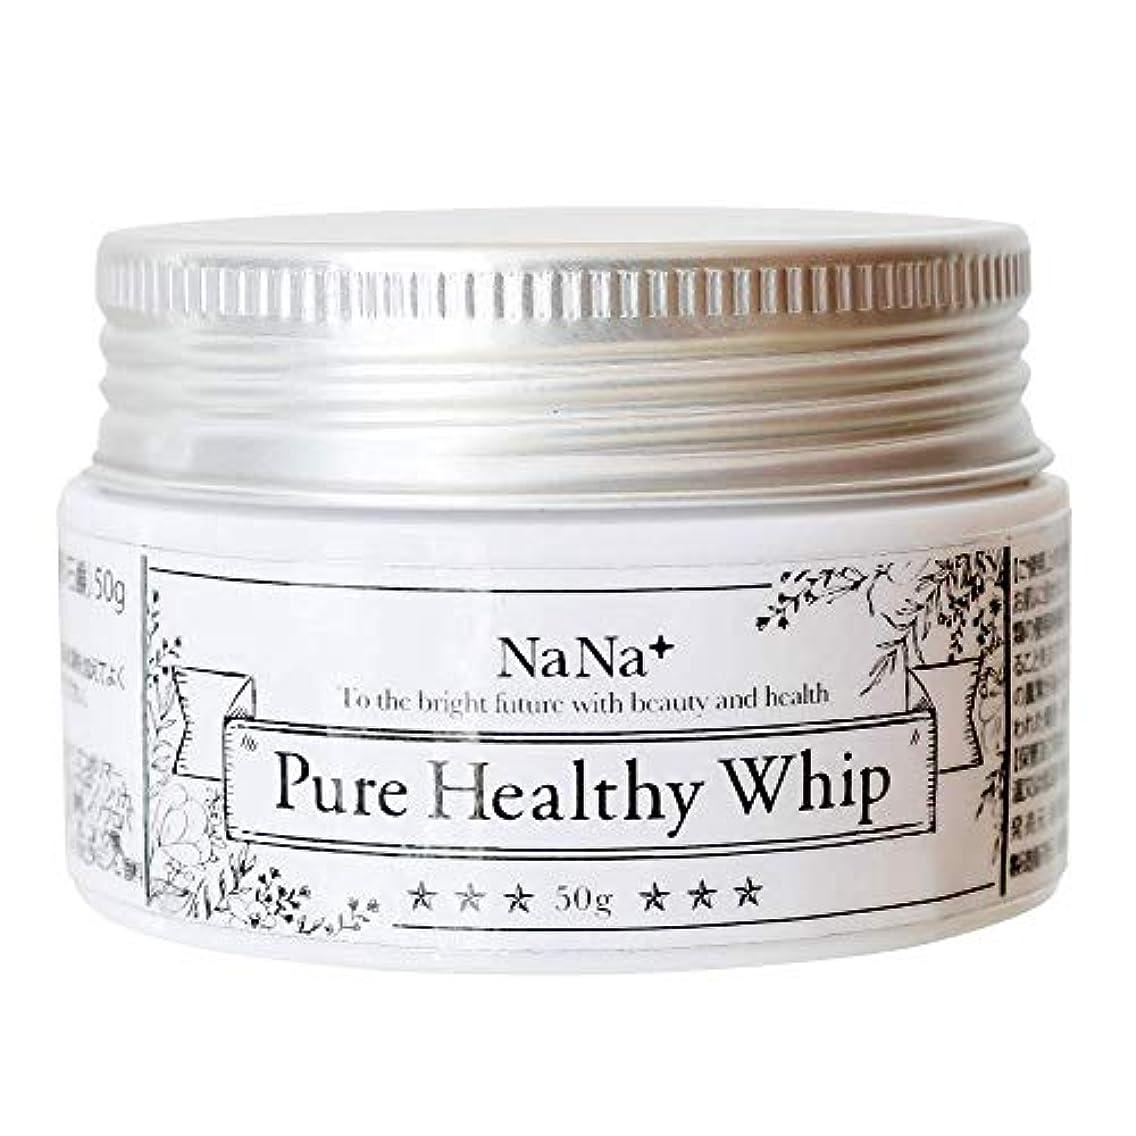 ブランド名セント戻る洗顔 生せっけん 敏感肌 乾燥肌 の 毛穴 くすみ 黒ずみ ケア 肌に優しい無添加  nana+ピュアヘルシーホイップ